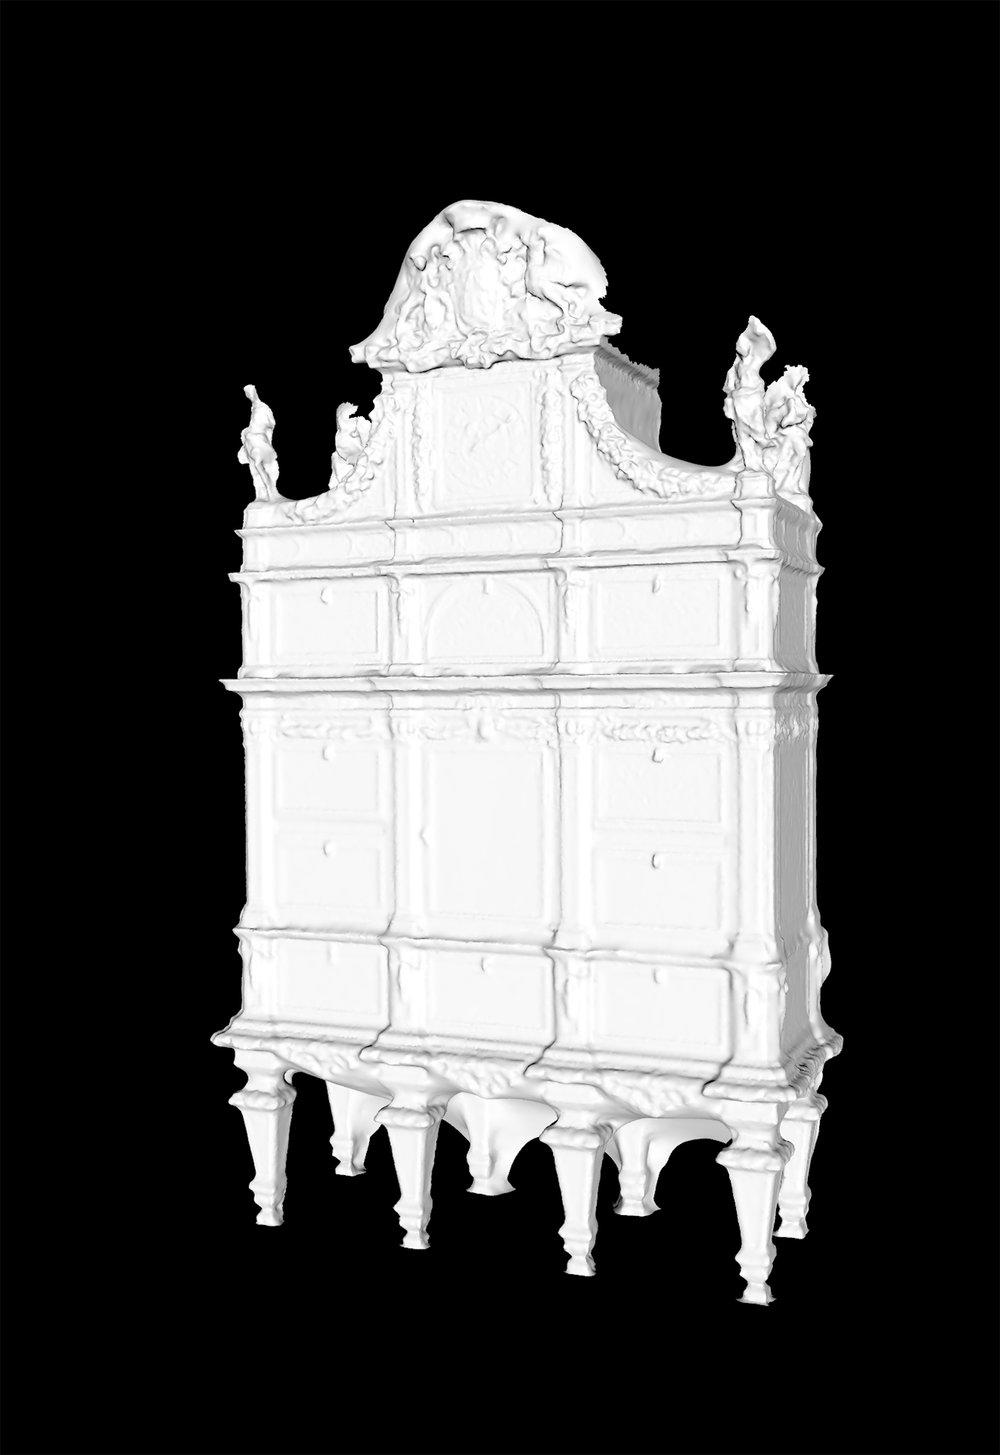 Contextual_Kostas Lambridis_15_Elemental Cabinet_(Cum Laude).jpg